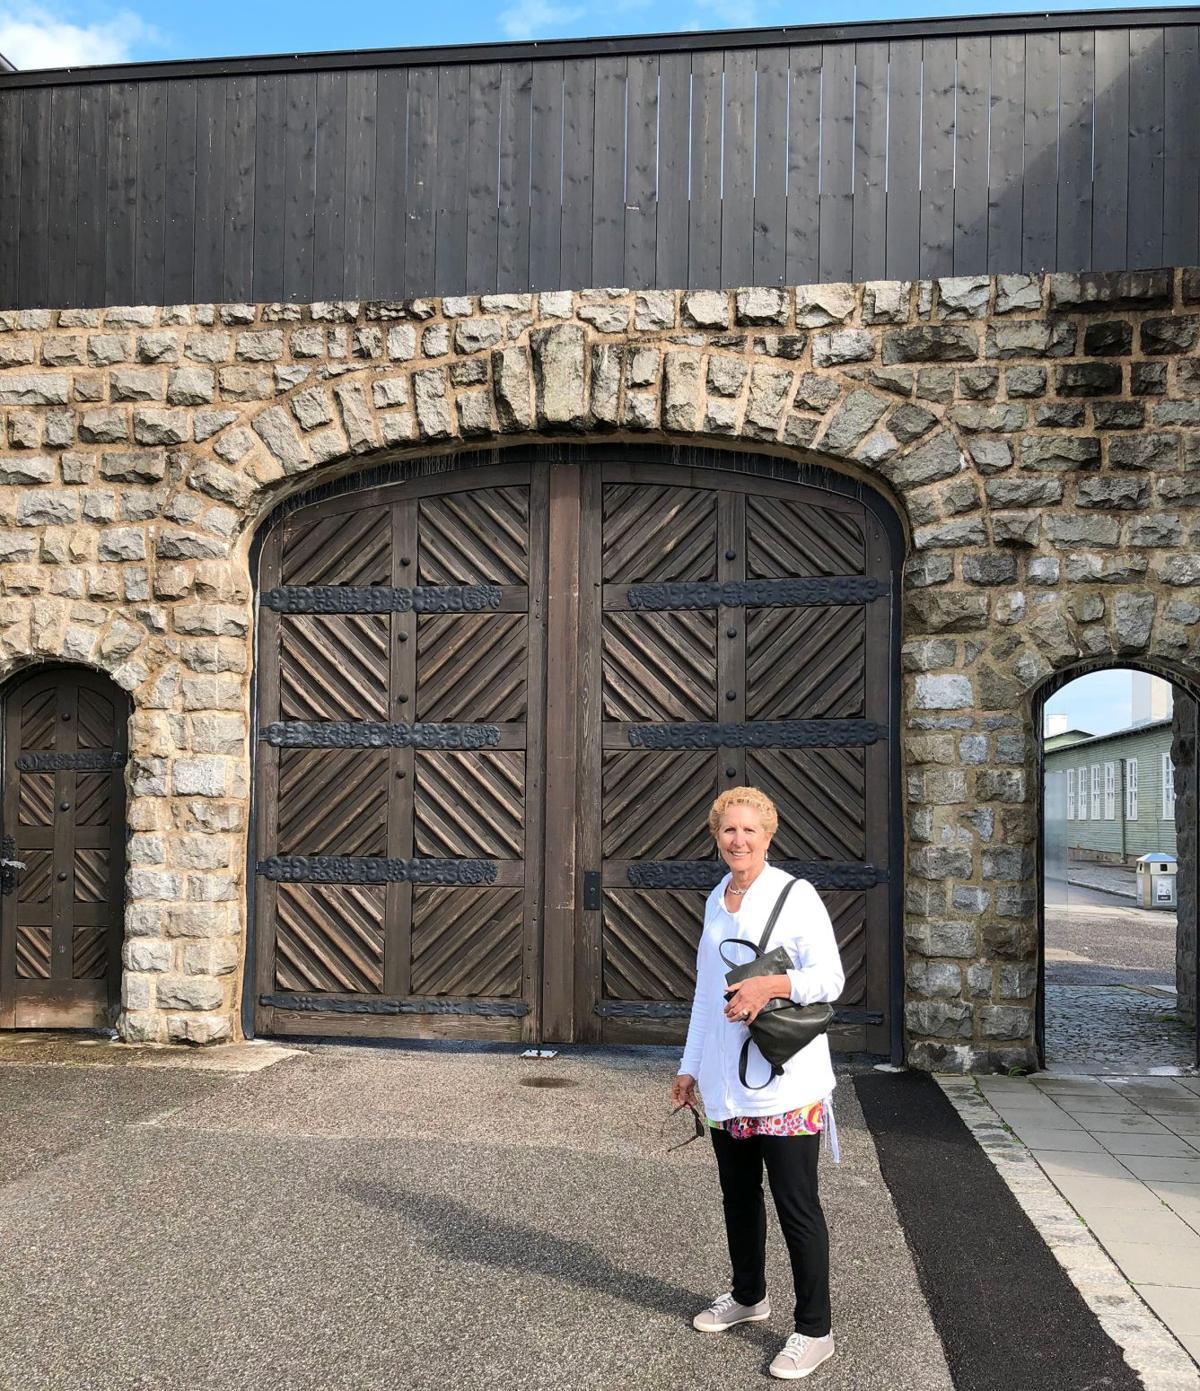 081419_MNS_Schancupp_Holocaust_001 Judy Schancupp at Mauthausen